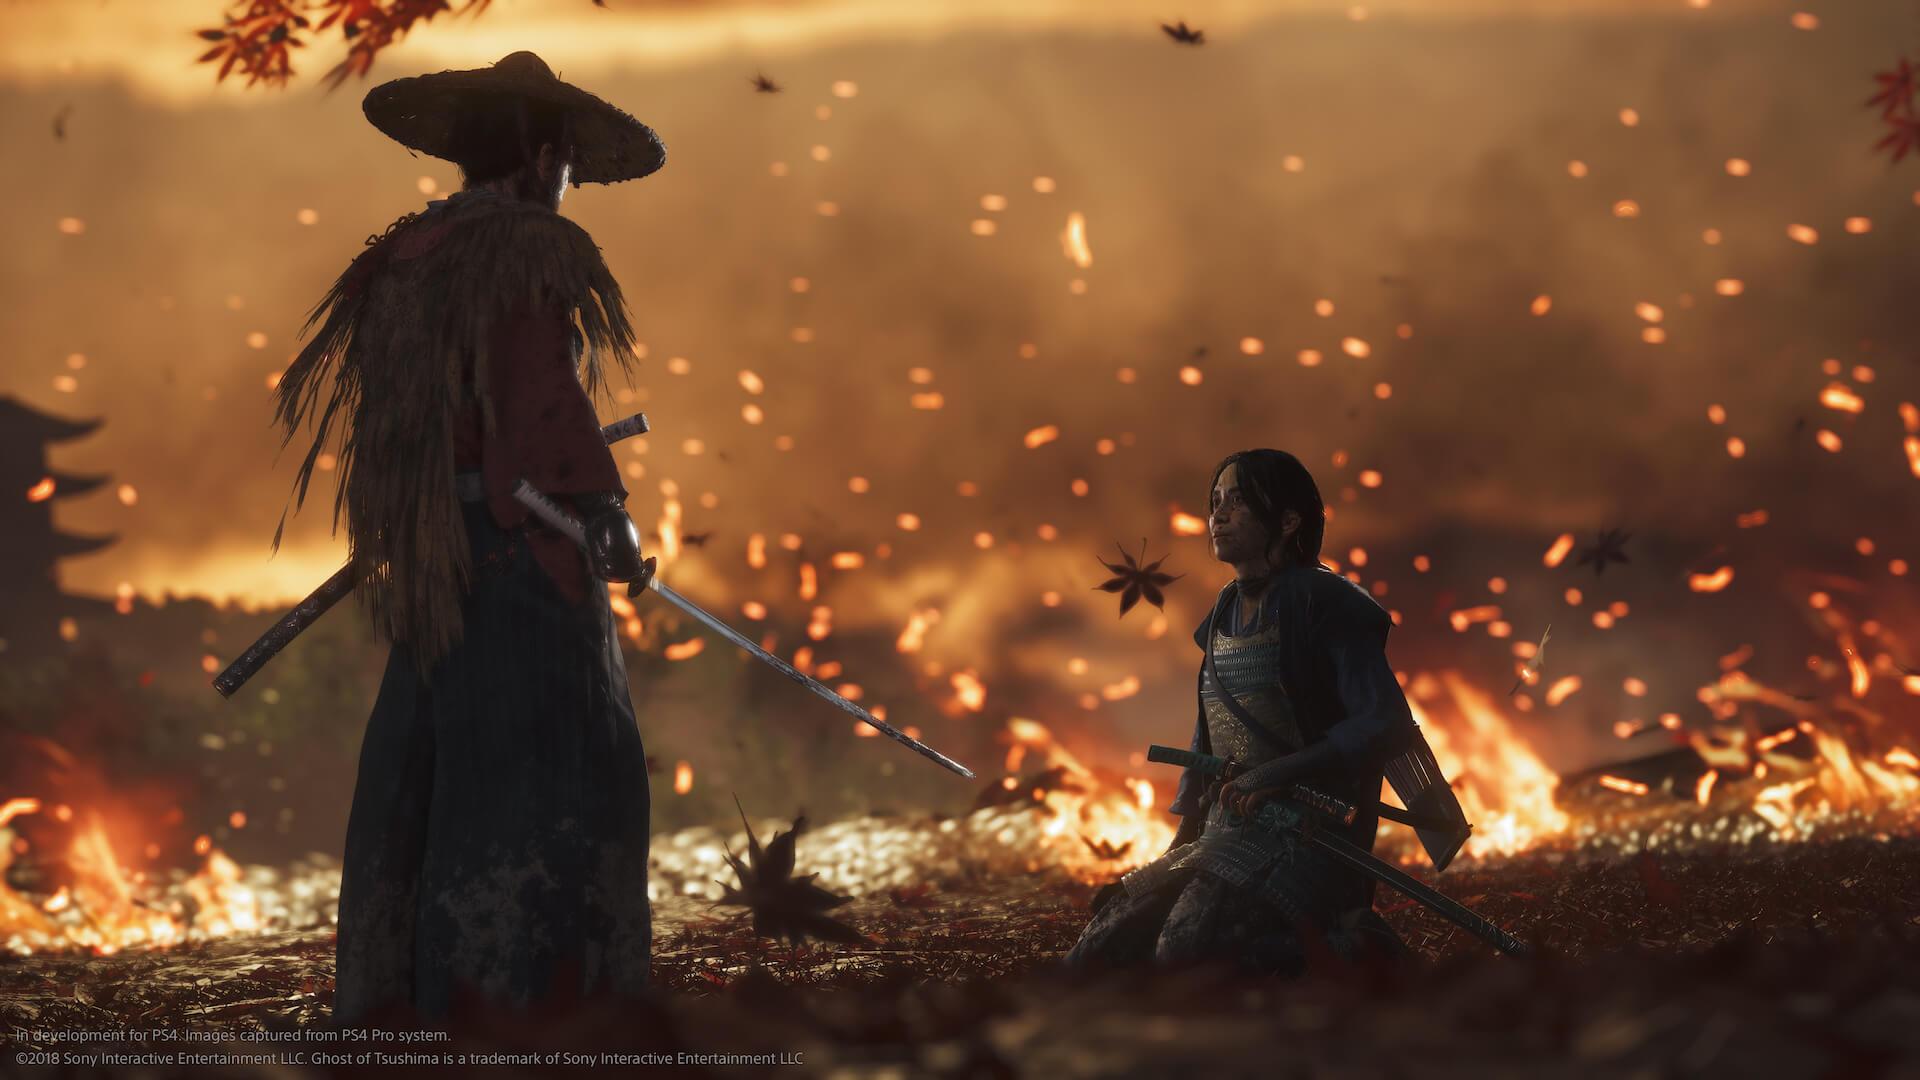 新感覚のオープンワールド時代劇を体感せよ!PS4専用ソフト『Ghost of Tsushima』がついに本日発売 tech200717_ghostoftsushima_21